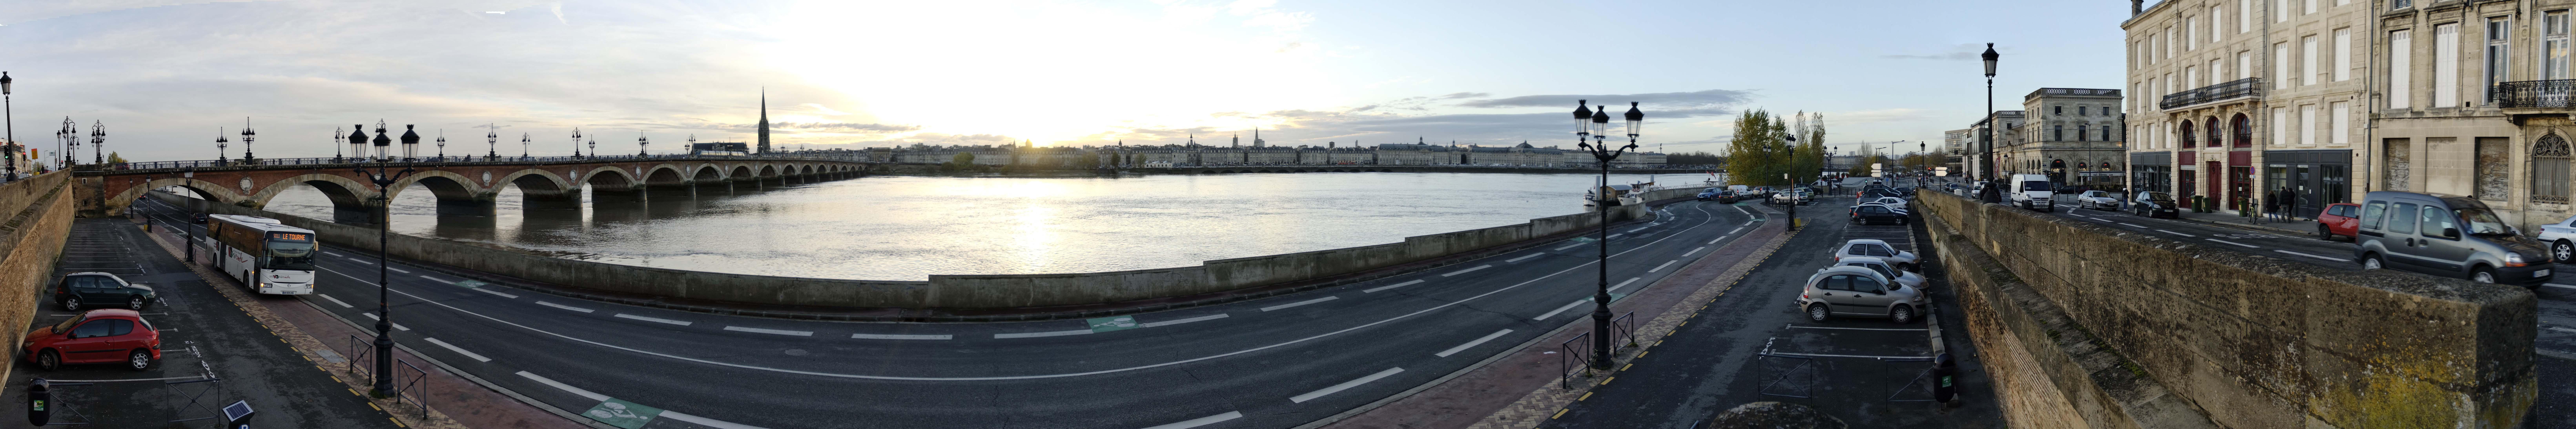 PanoramaBxRiveDroite1_001